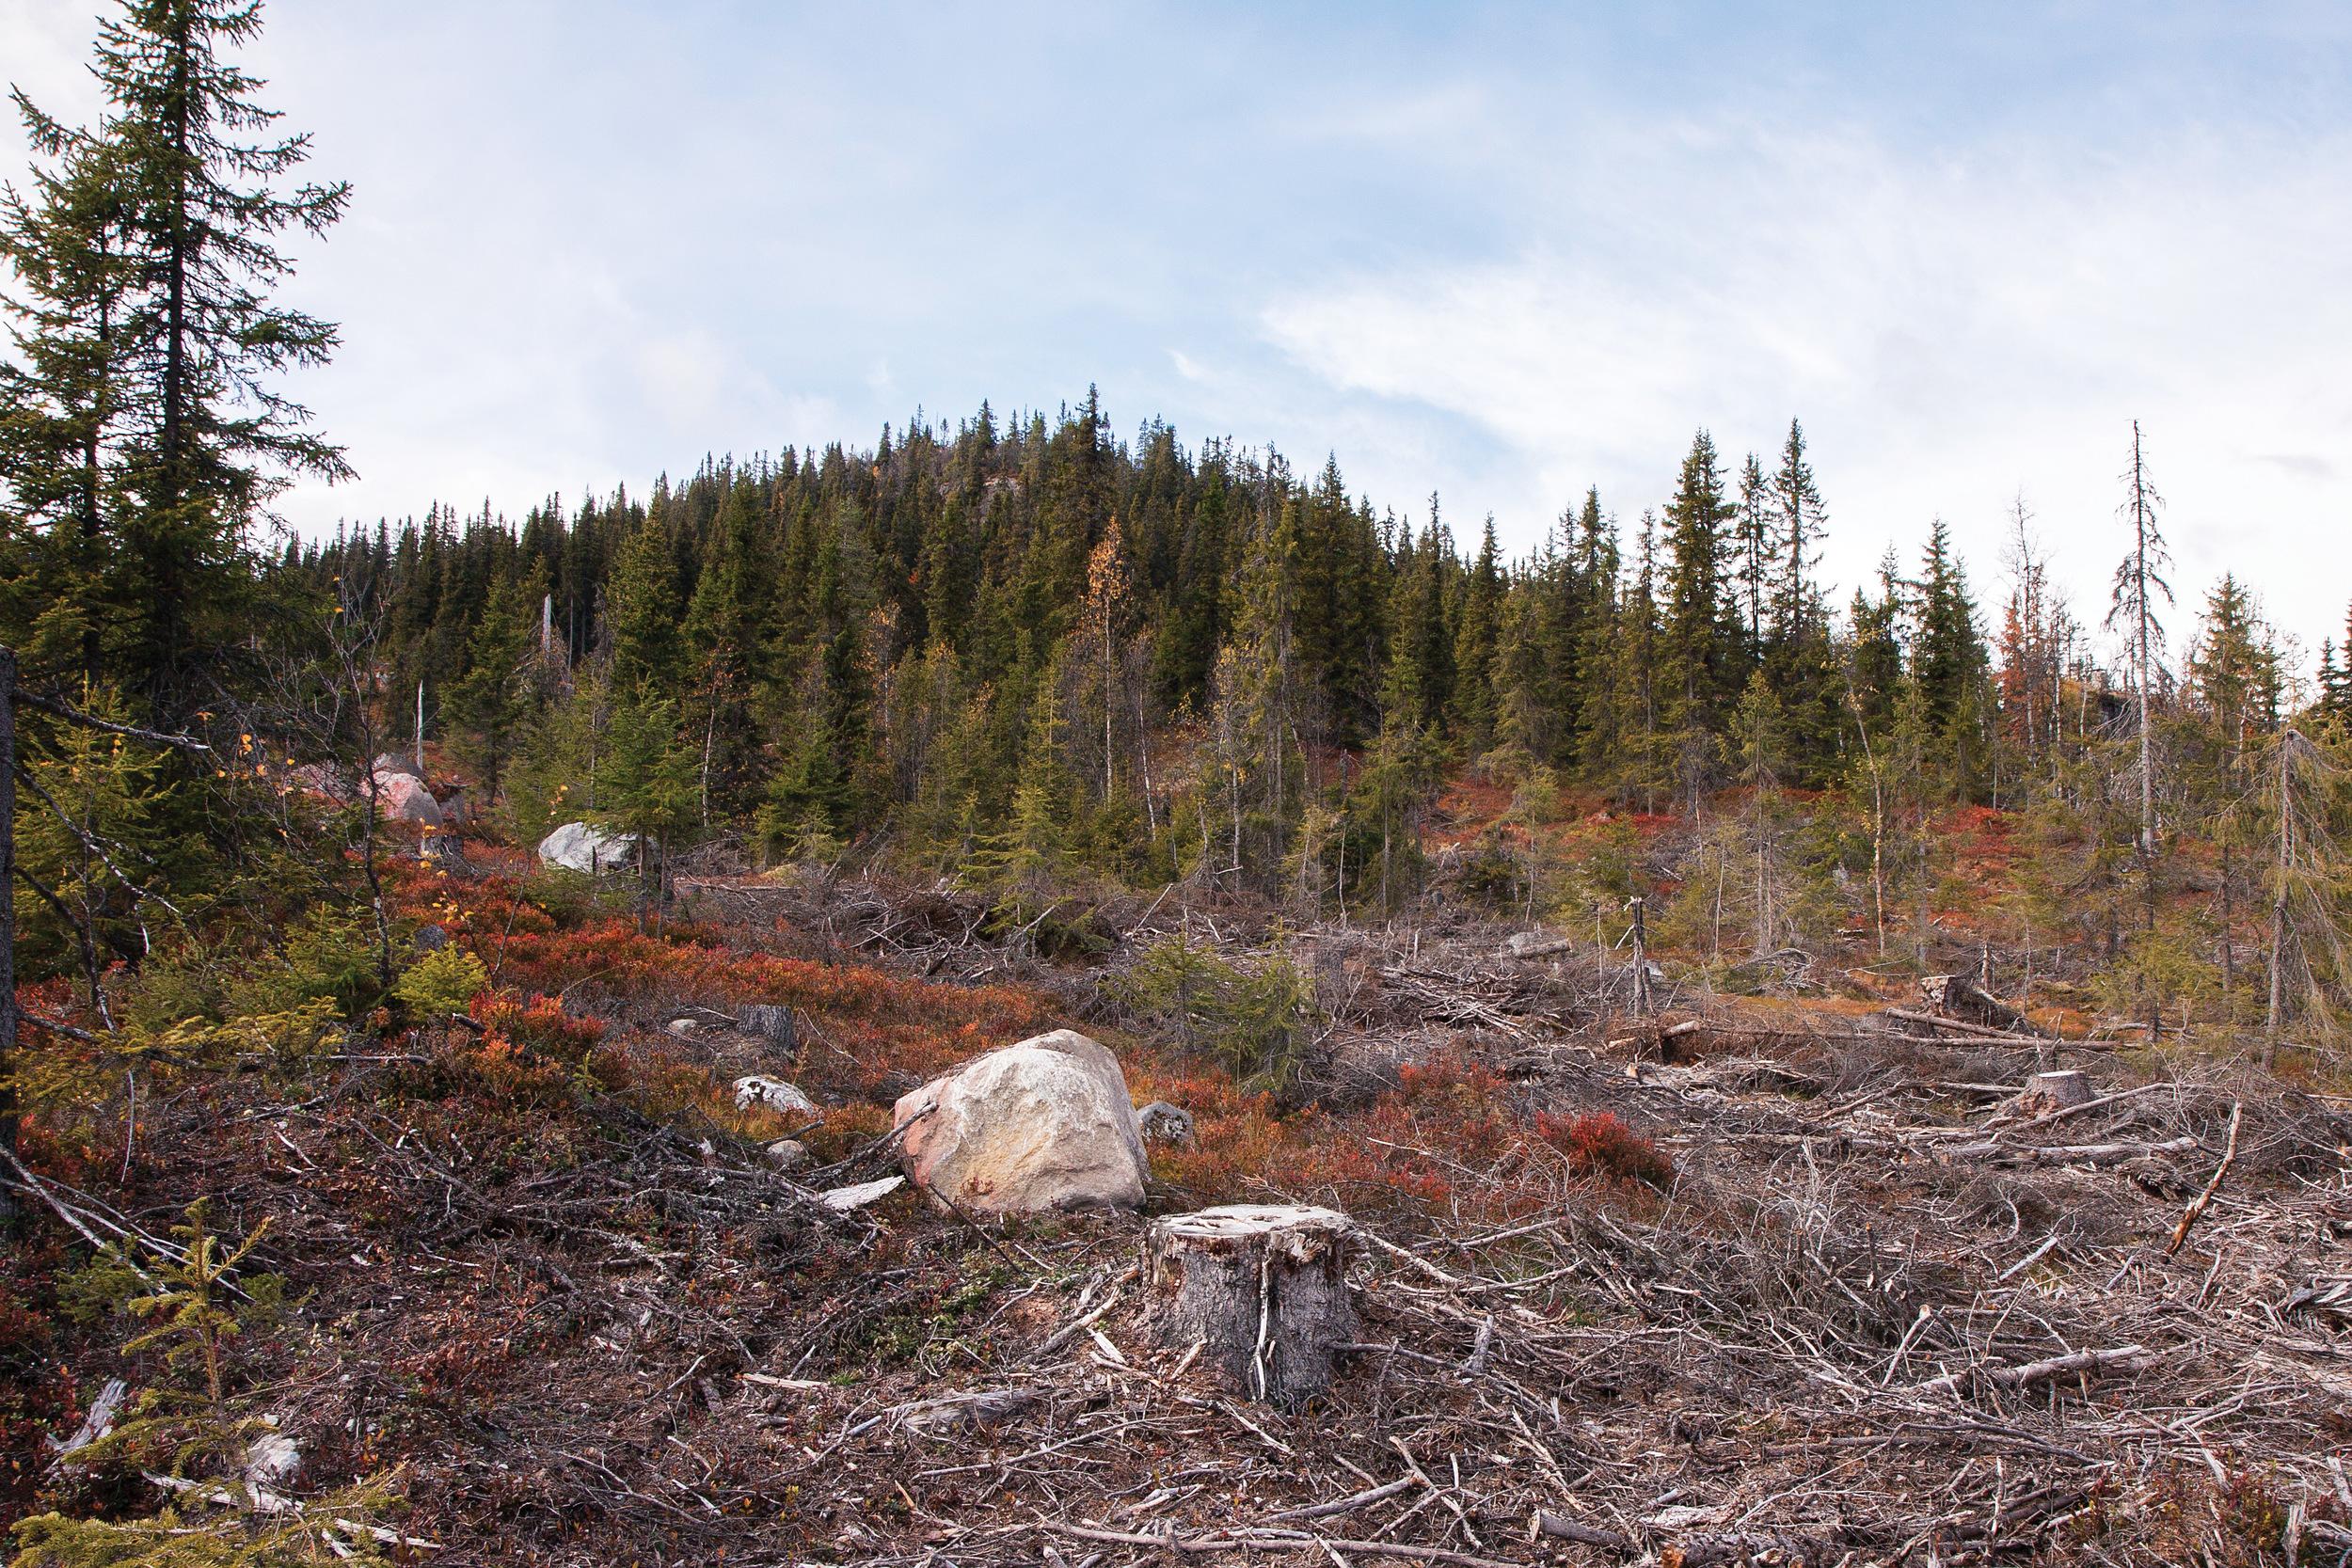 Hogst i vernskog kan gjøres ved forsiktig avvirkning, slik det gjøres ved såkalt fjellskoghogst, en kombinasjon av småflatehogst og gjennomhogst. Foto: John Yngvar Larsson, NIBIO